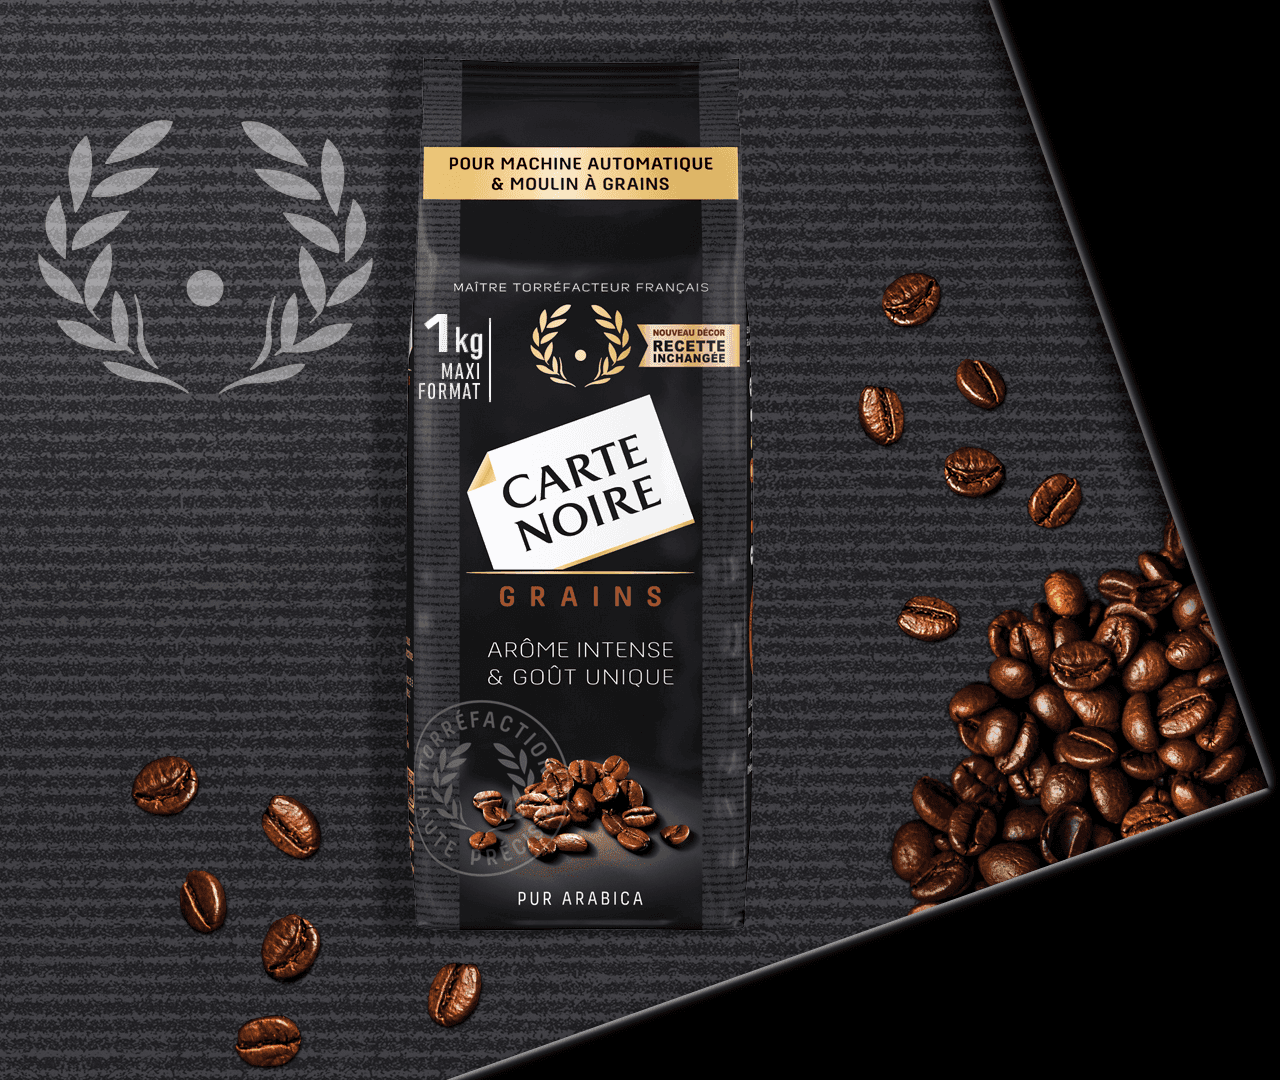 GRAINS CLASSIQUE 1 KG - Café en grains torréfiés